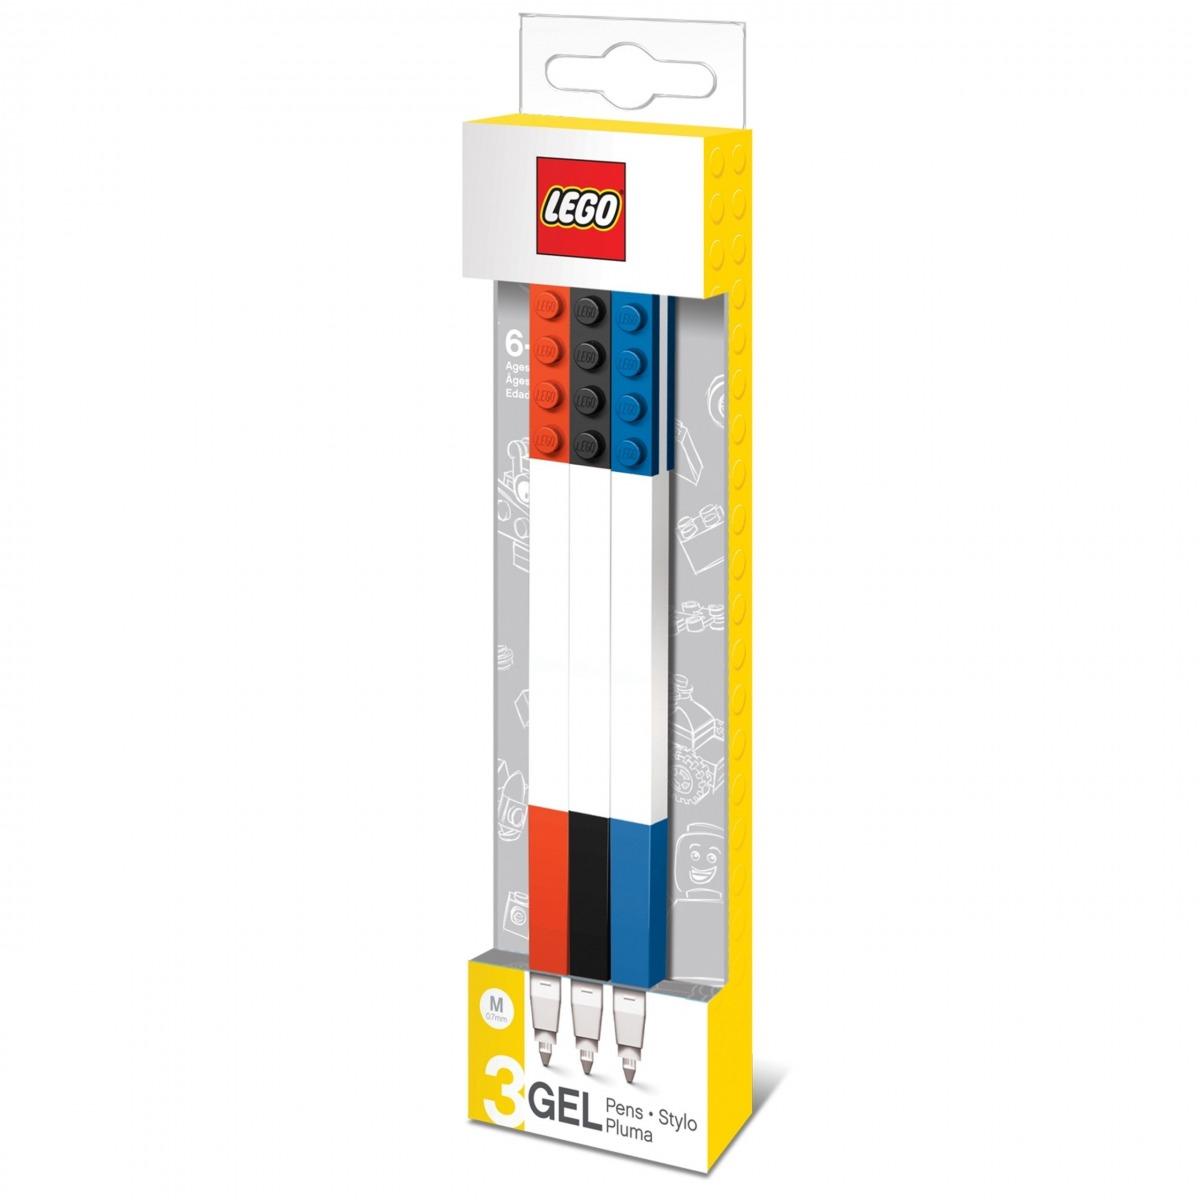 paquete de 3 boligrafos de gel lego 5005109 scaled